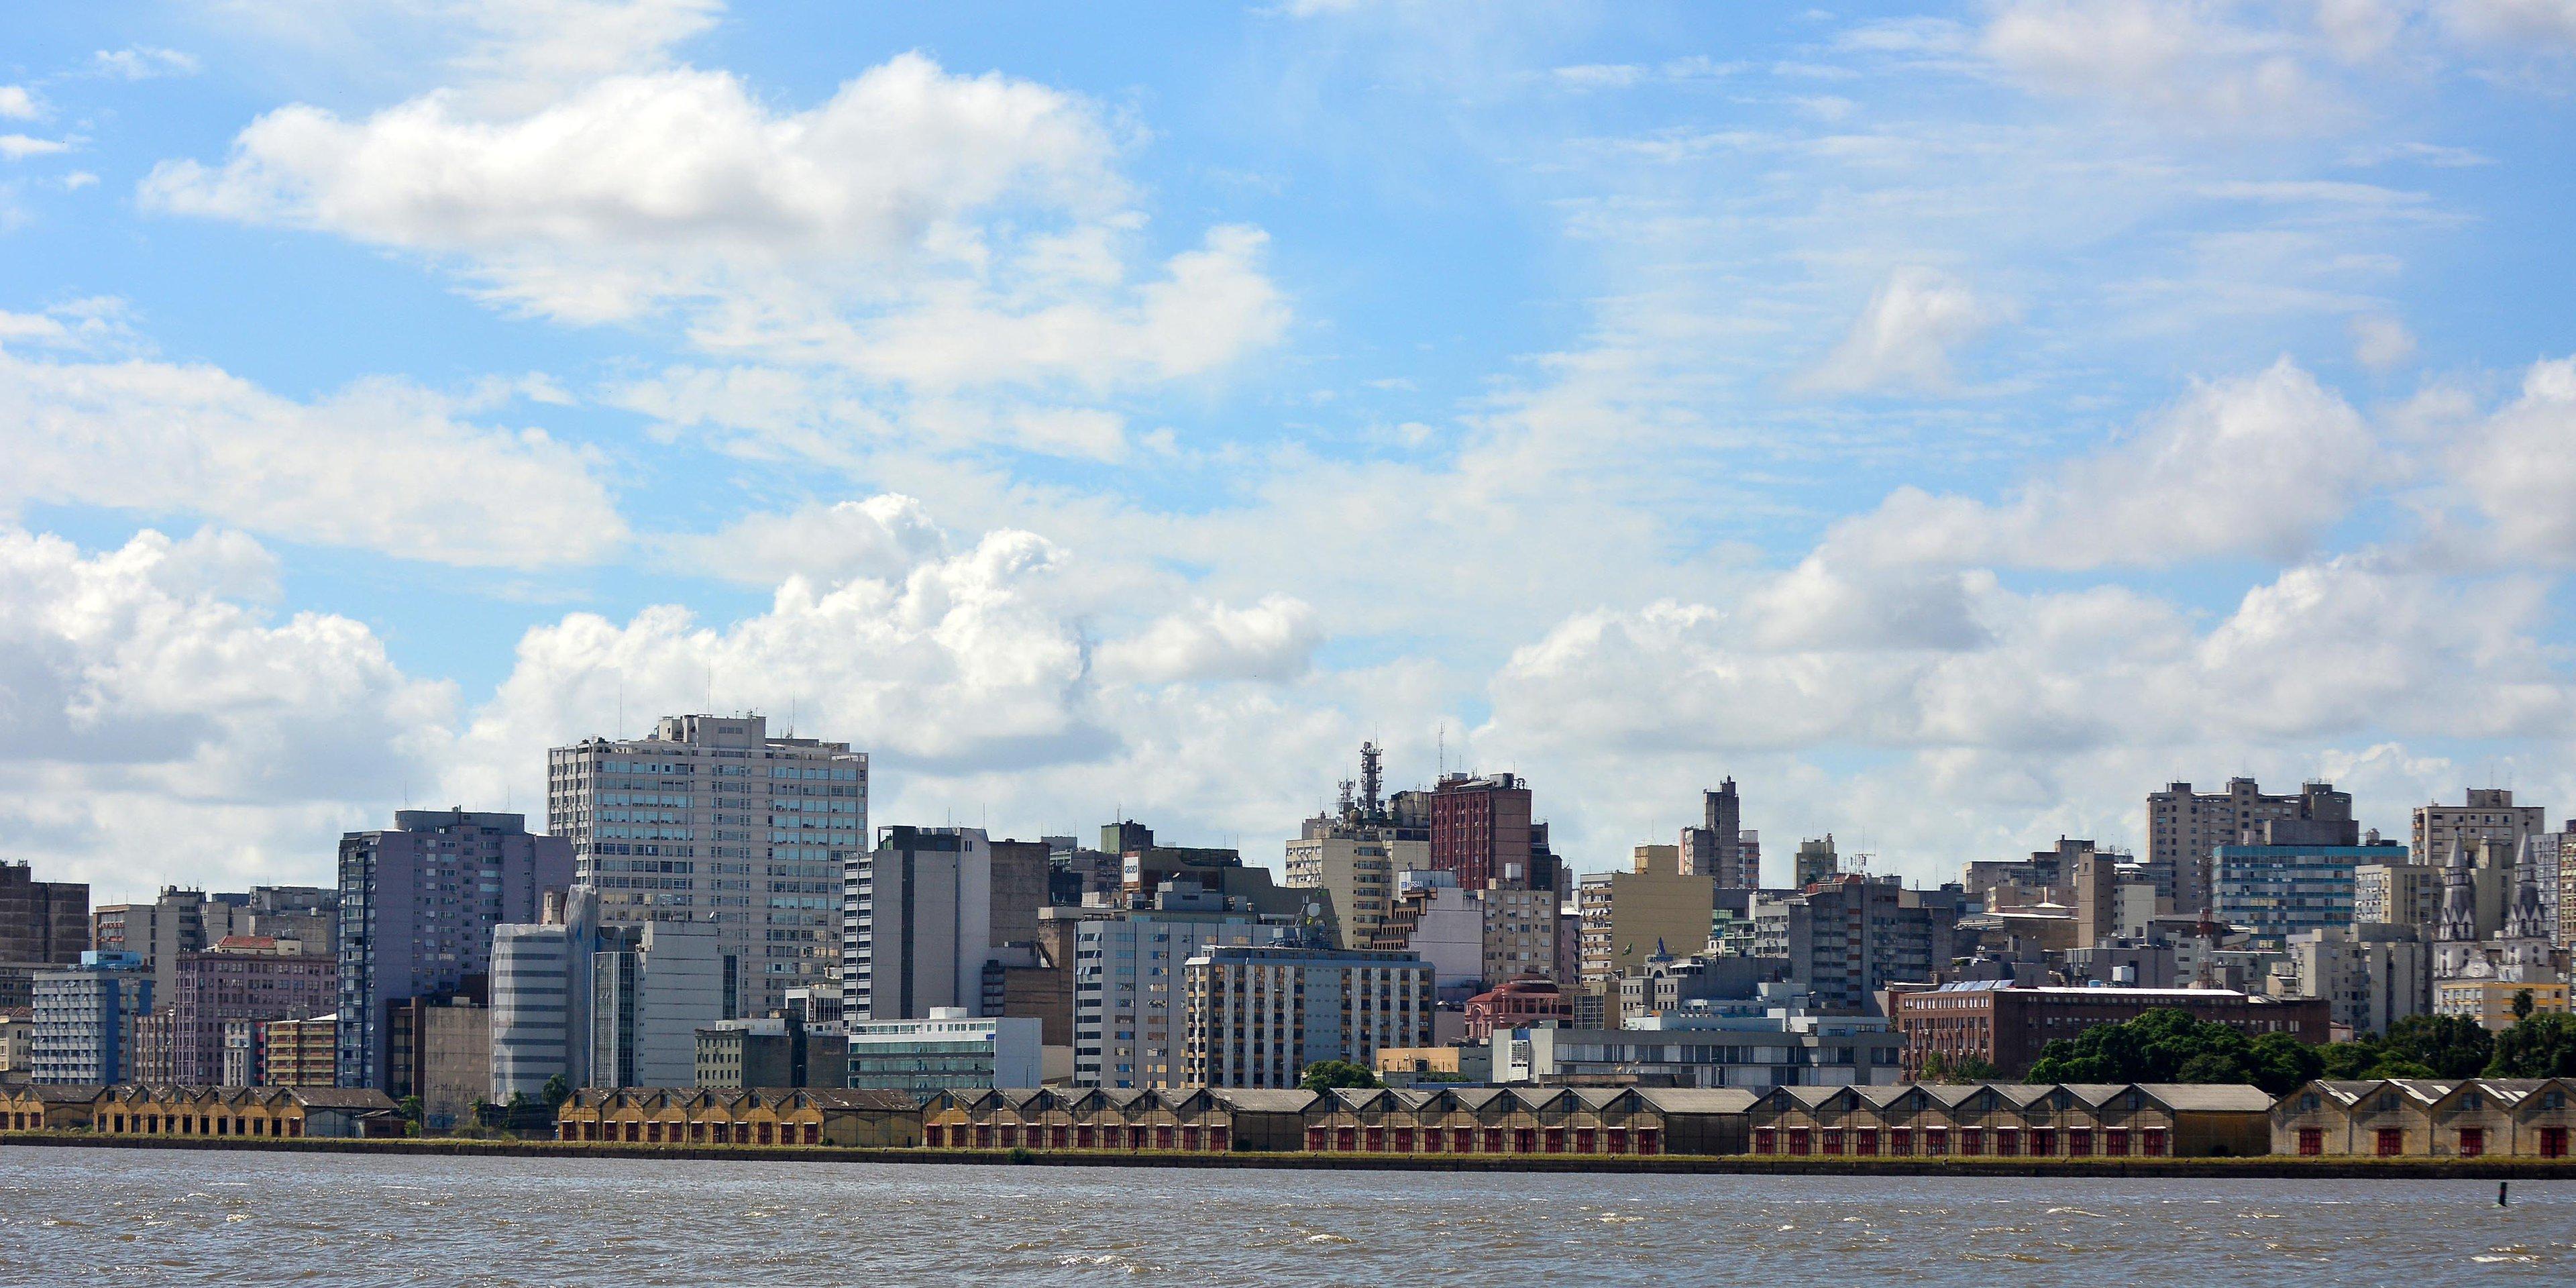 Vista tradicional da Capital, a partir do Guaíba, manancial pelo qual os porto-alegrenses nutrem sentimentos conflituosos ao longo do tempo